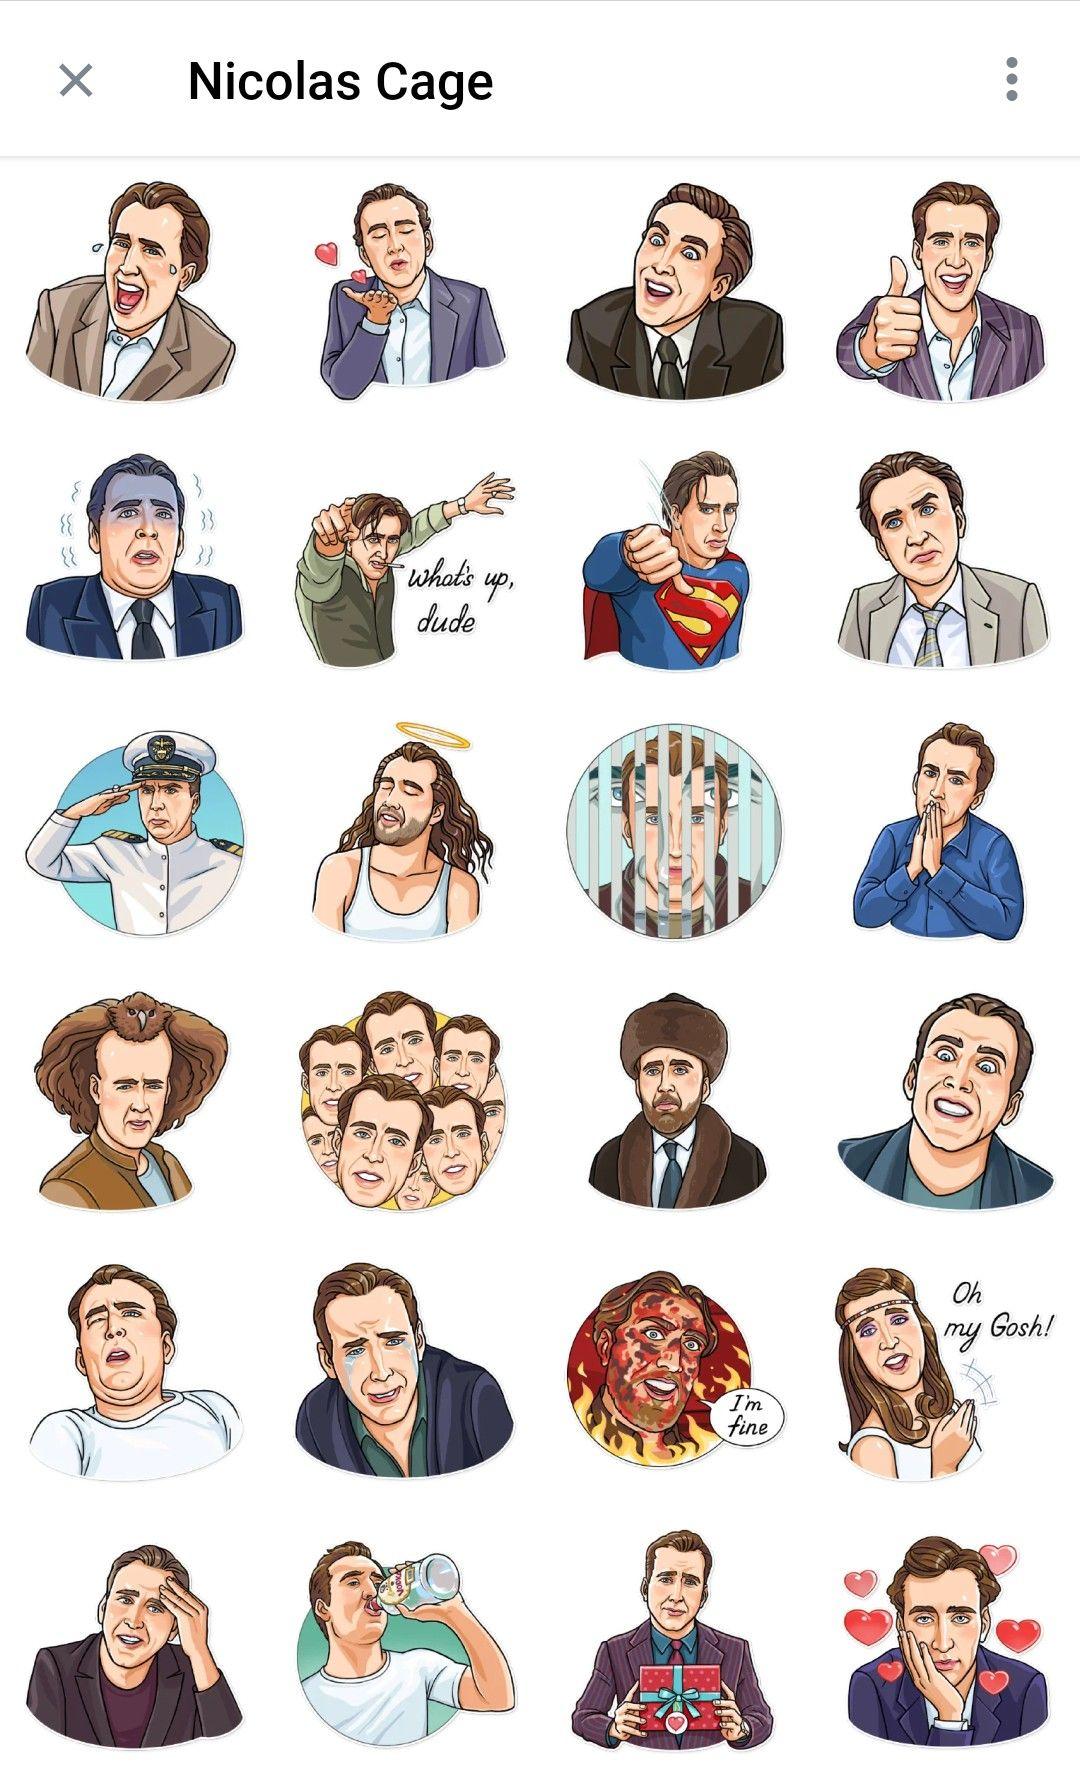 Nicolas Cage Telegram Sticker Packs Telegram Stickers Nicolas Cage Stickers